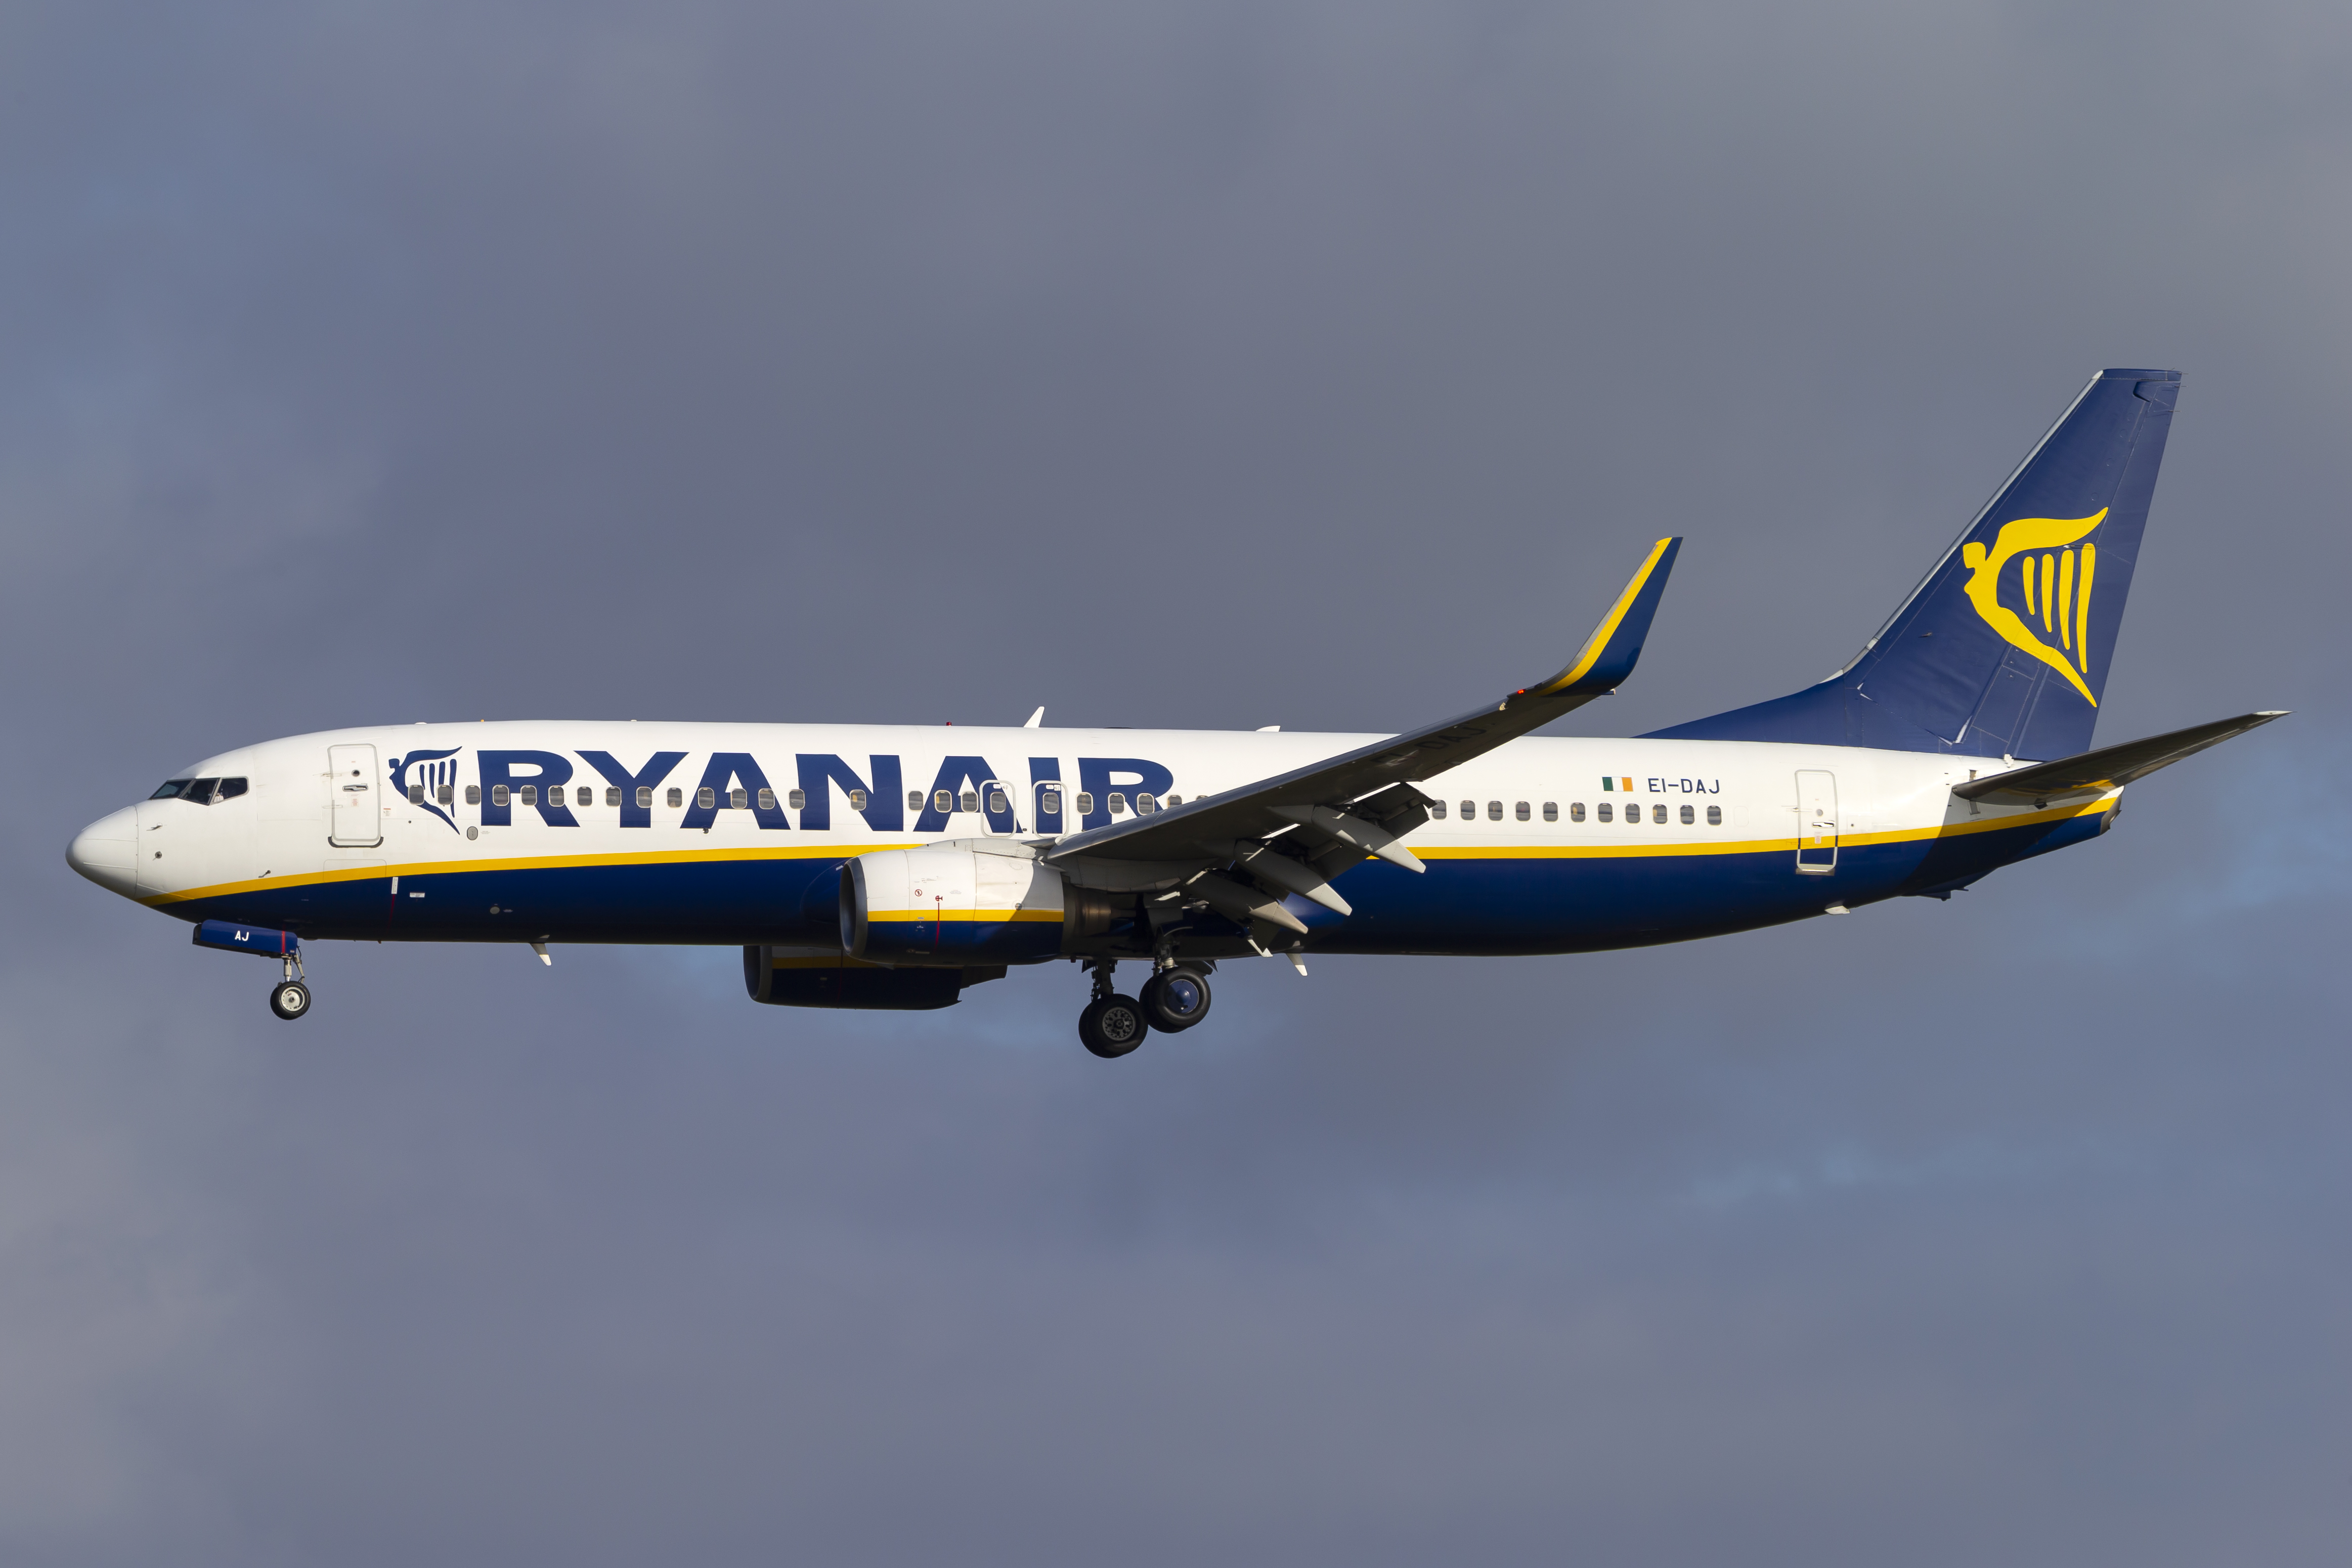 En Boeing 737-800 fra det irske lavprisflyselskab Ryanair. Foto: © Thorbjørn Brunander Sund, Danish Aviation Photo